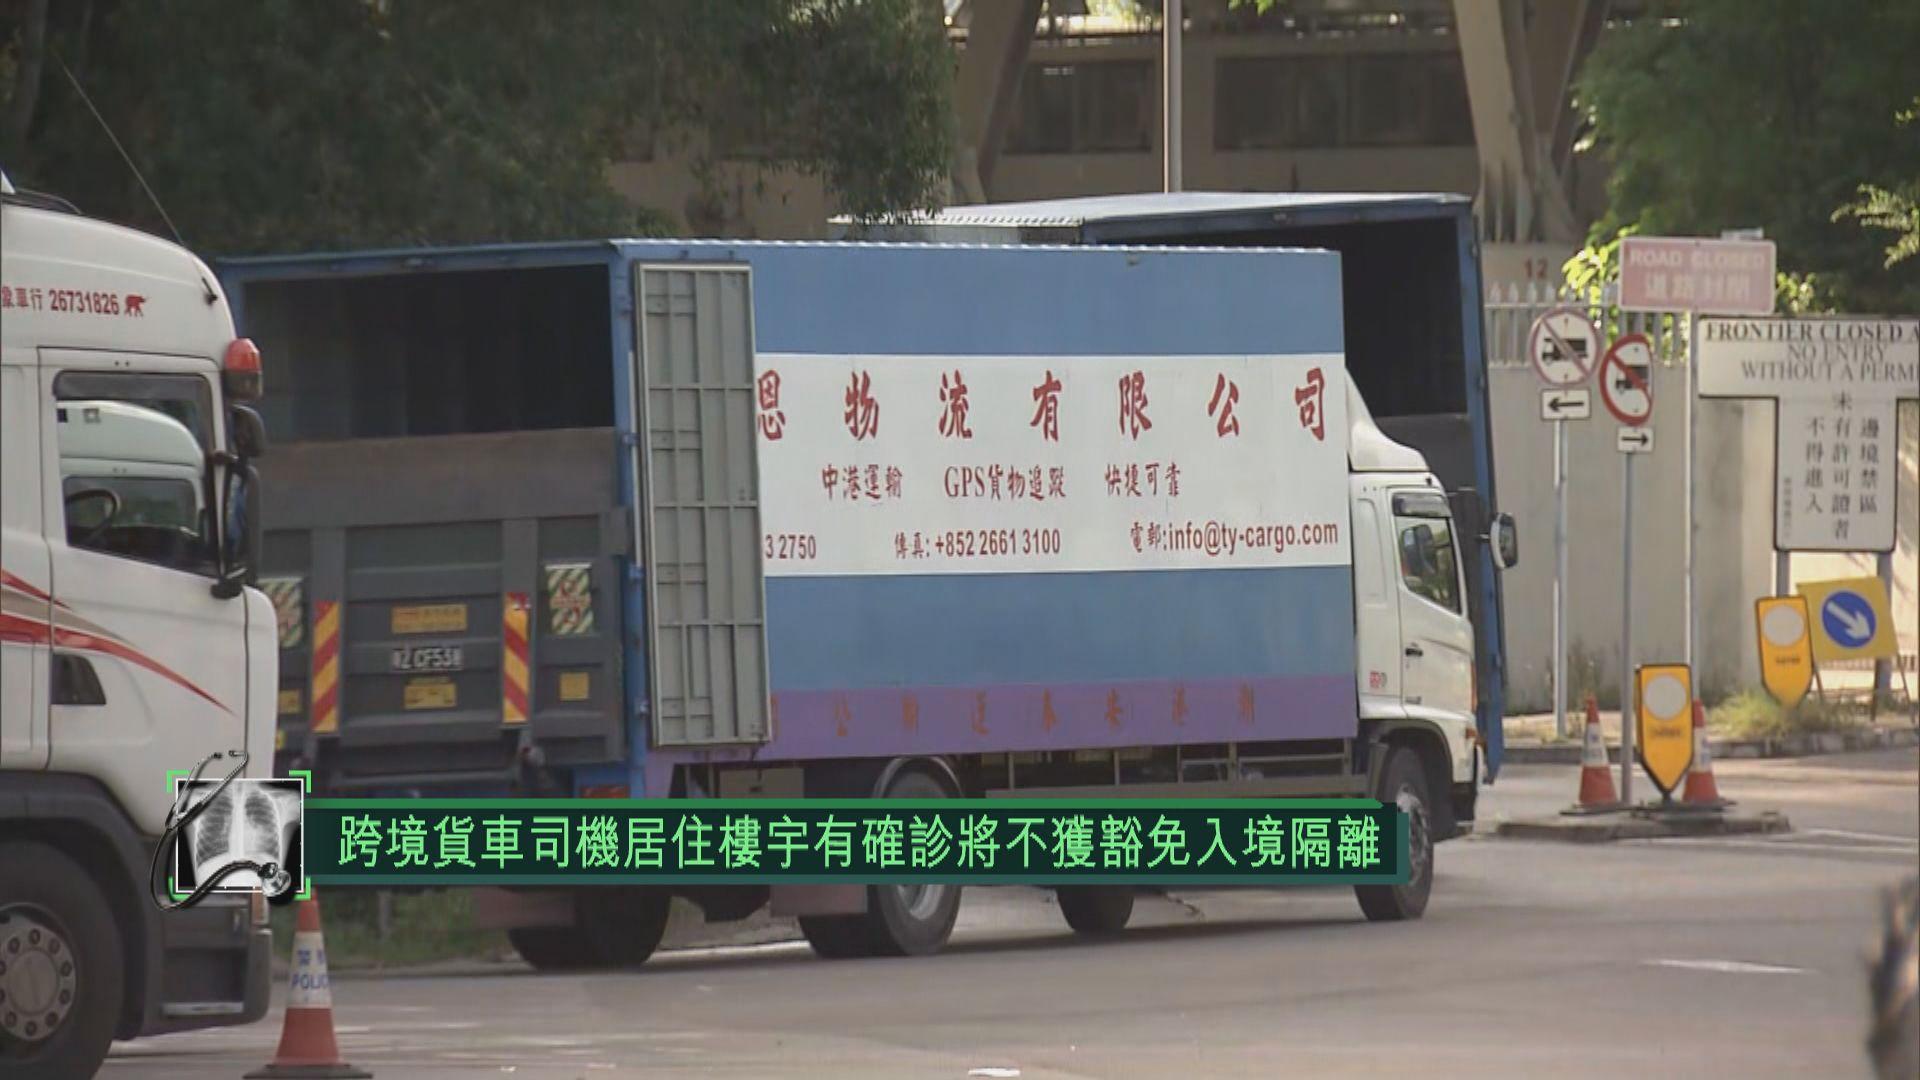 跨境貨車司機居住樓宇有確診將不獲豁免入境隔離